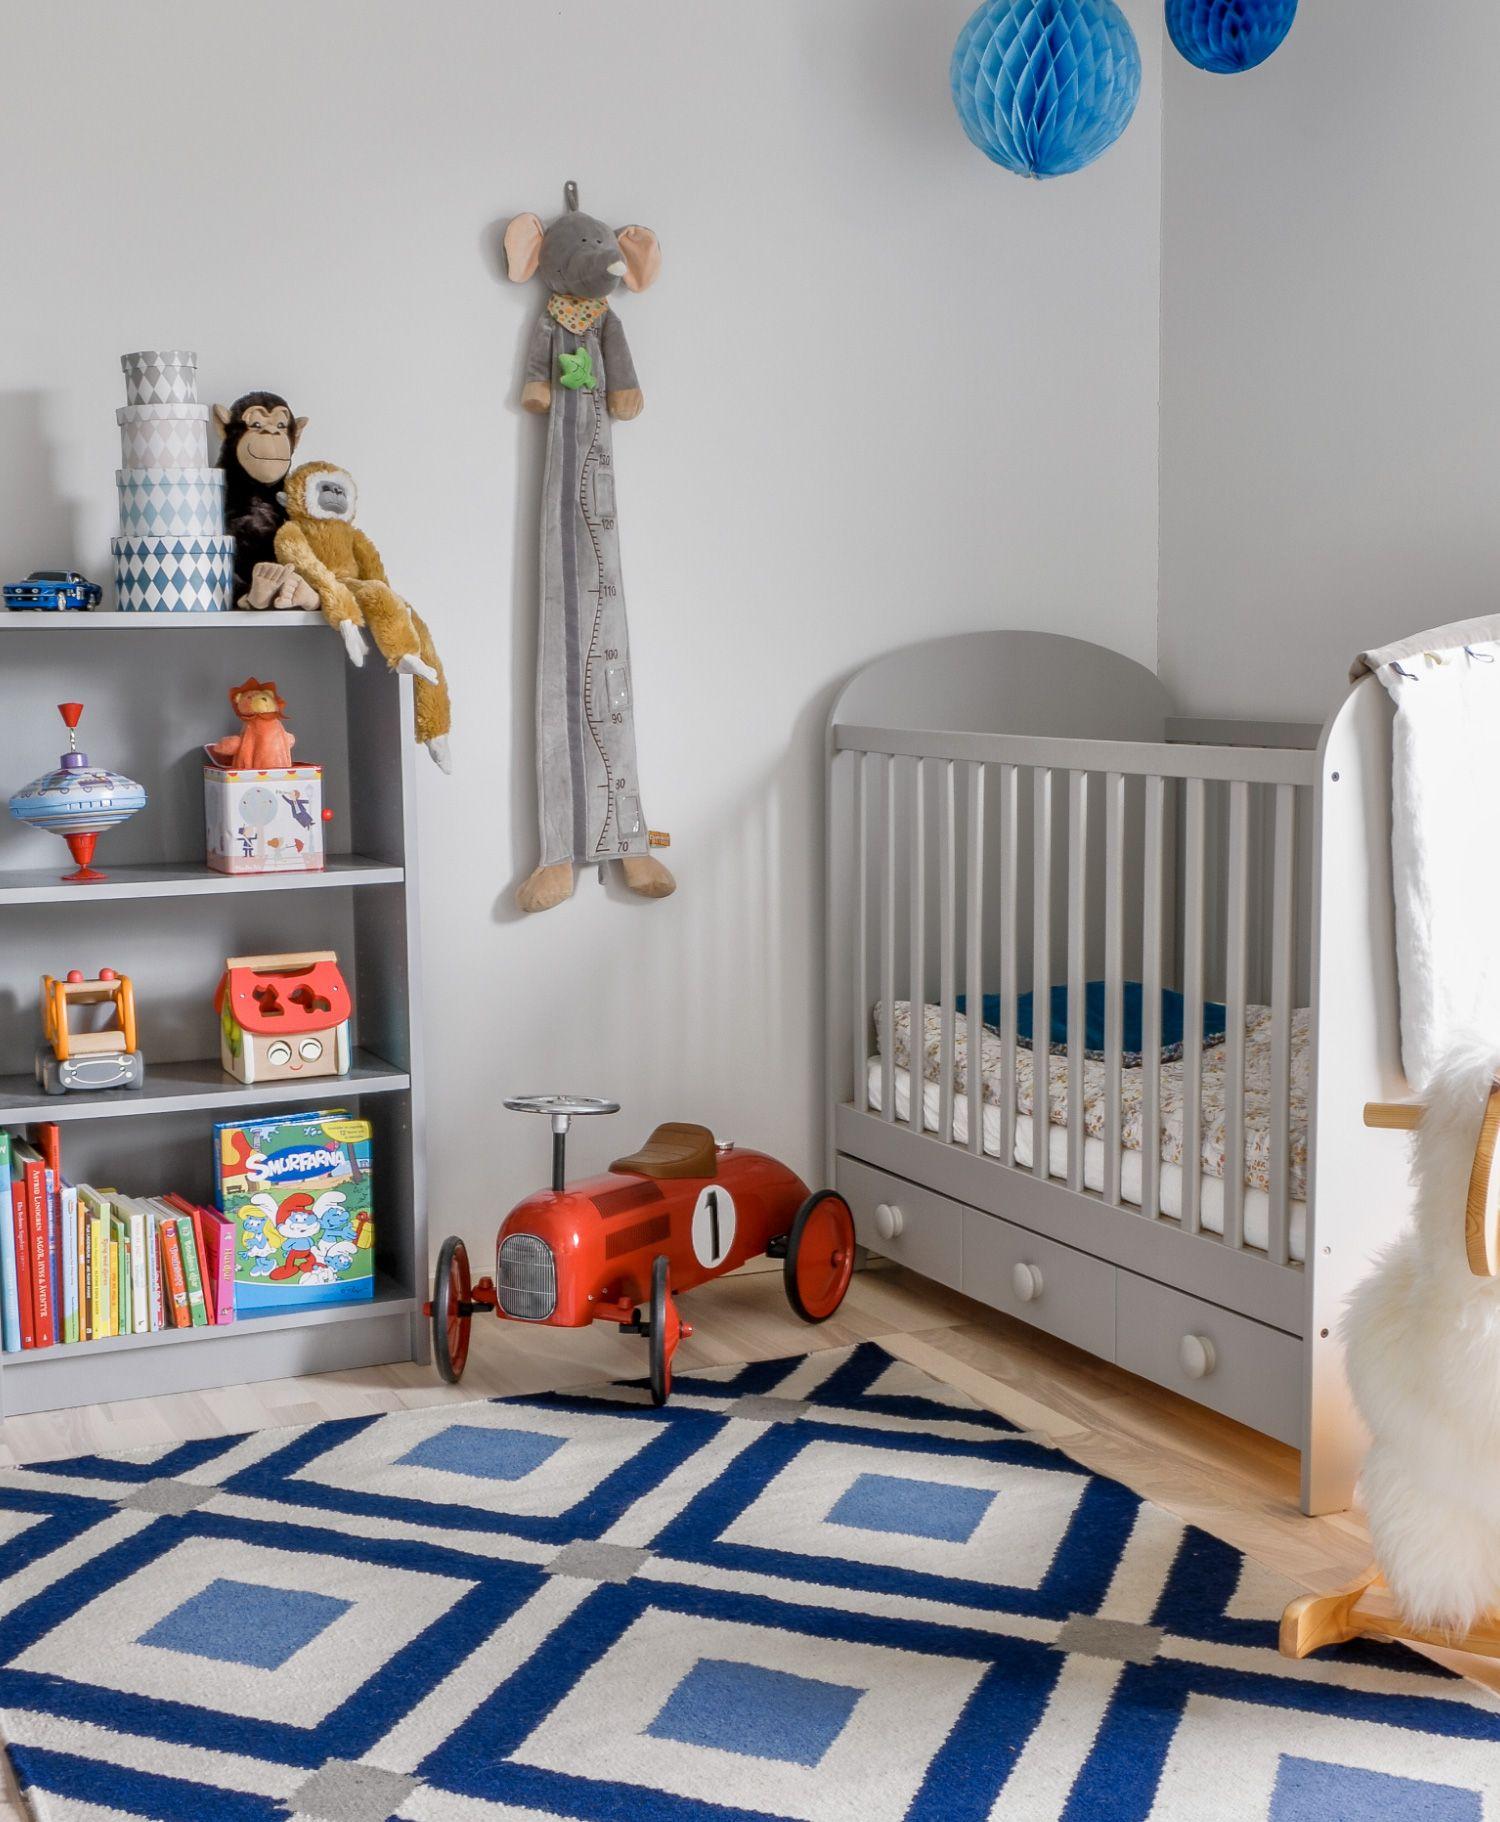 Diamonds Flatweave Rug Paired With IKEA Gonatt Crib And